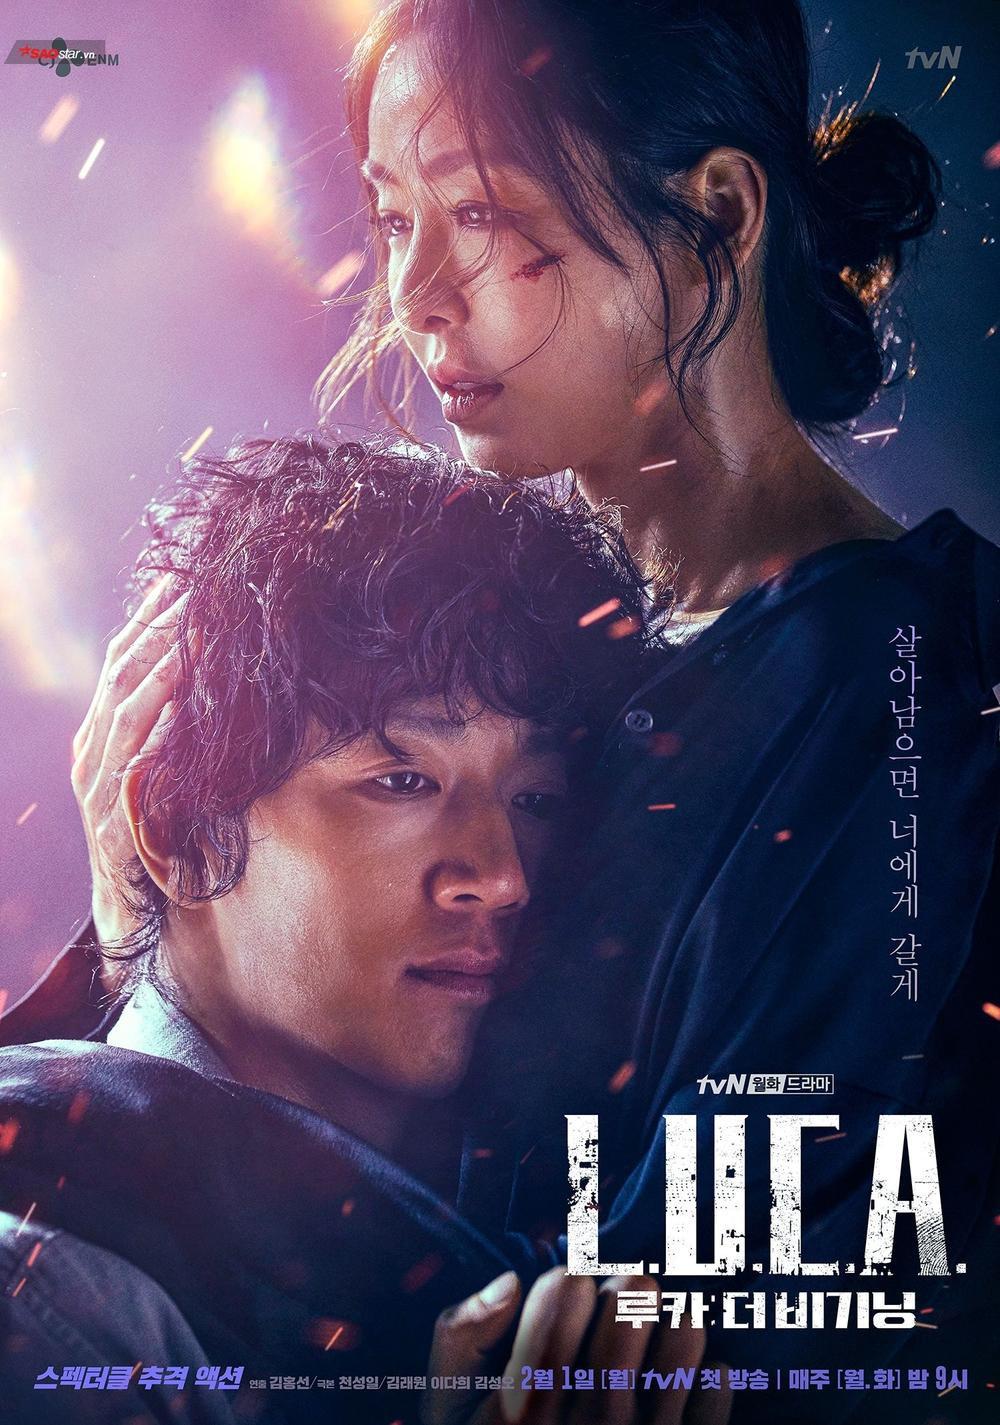 Phim Hàn Quốc đầu tháng 02: Màn đối đầu cực căng giữa Park Shin Hye và Kim So Hyun Ảnh 4